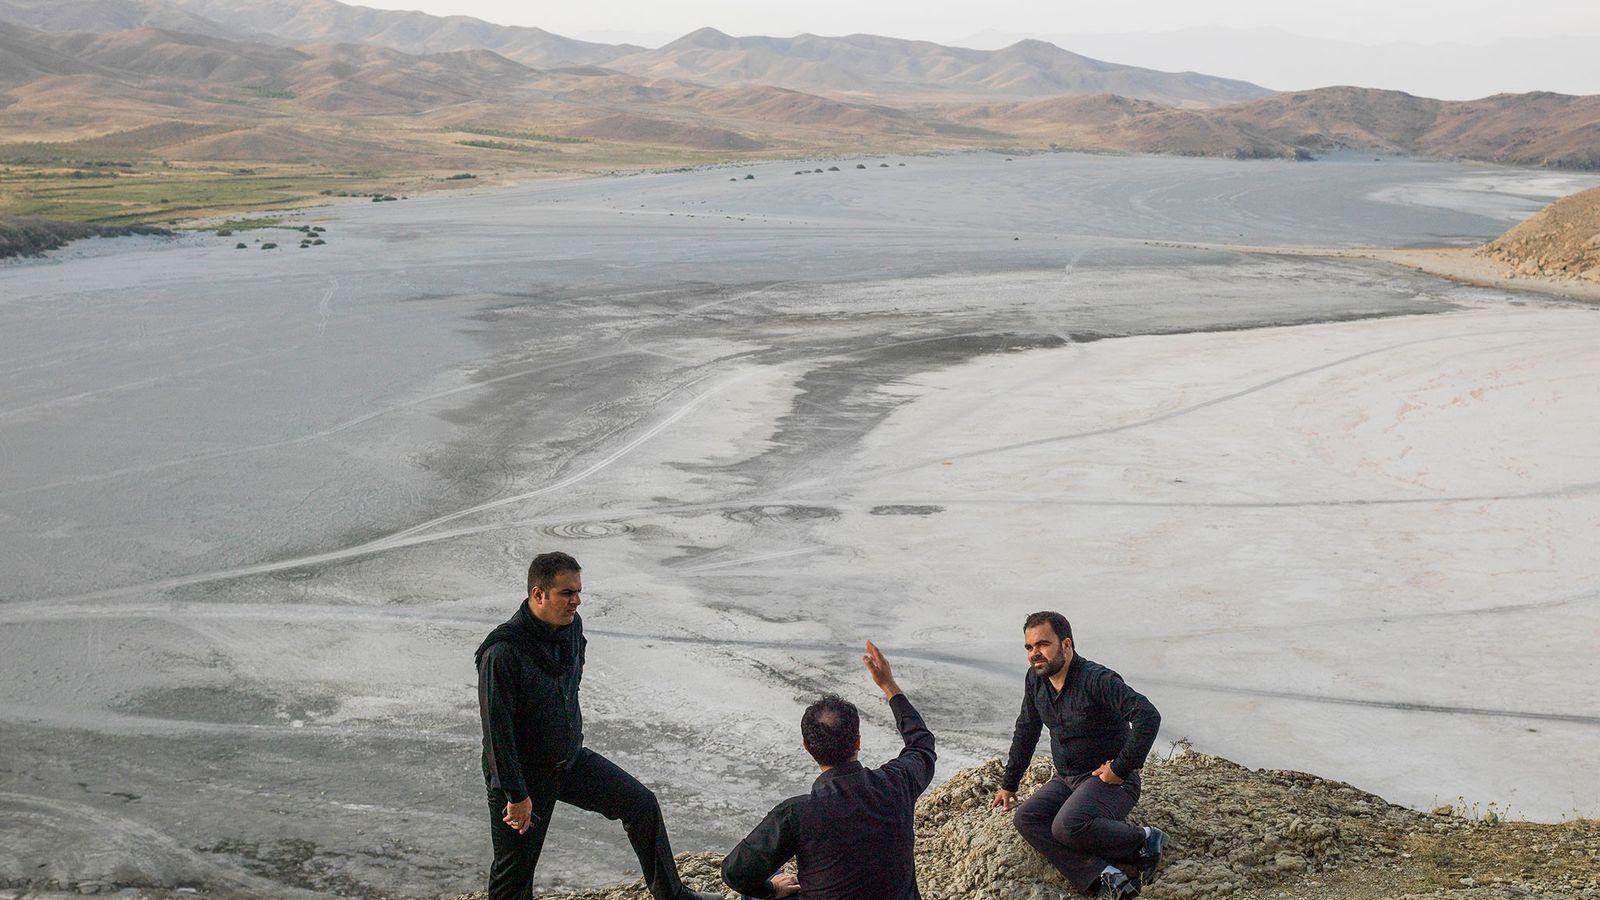 Homens à beira do lago Urmia, um lago que secou no Irão. Alguns dos maiores lagos ...